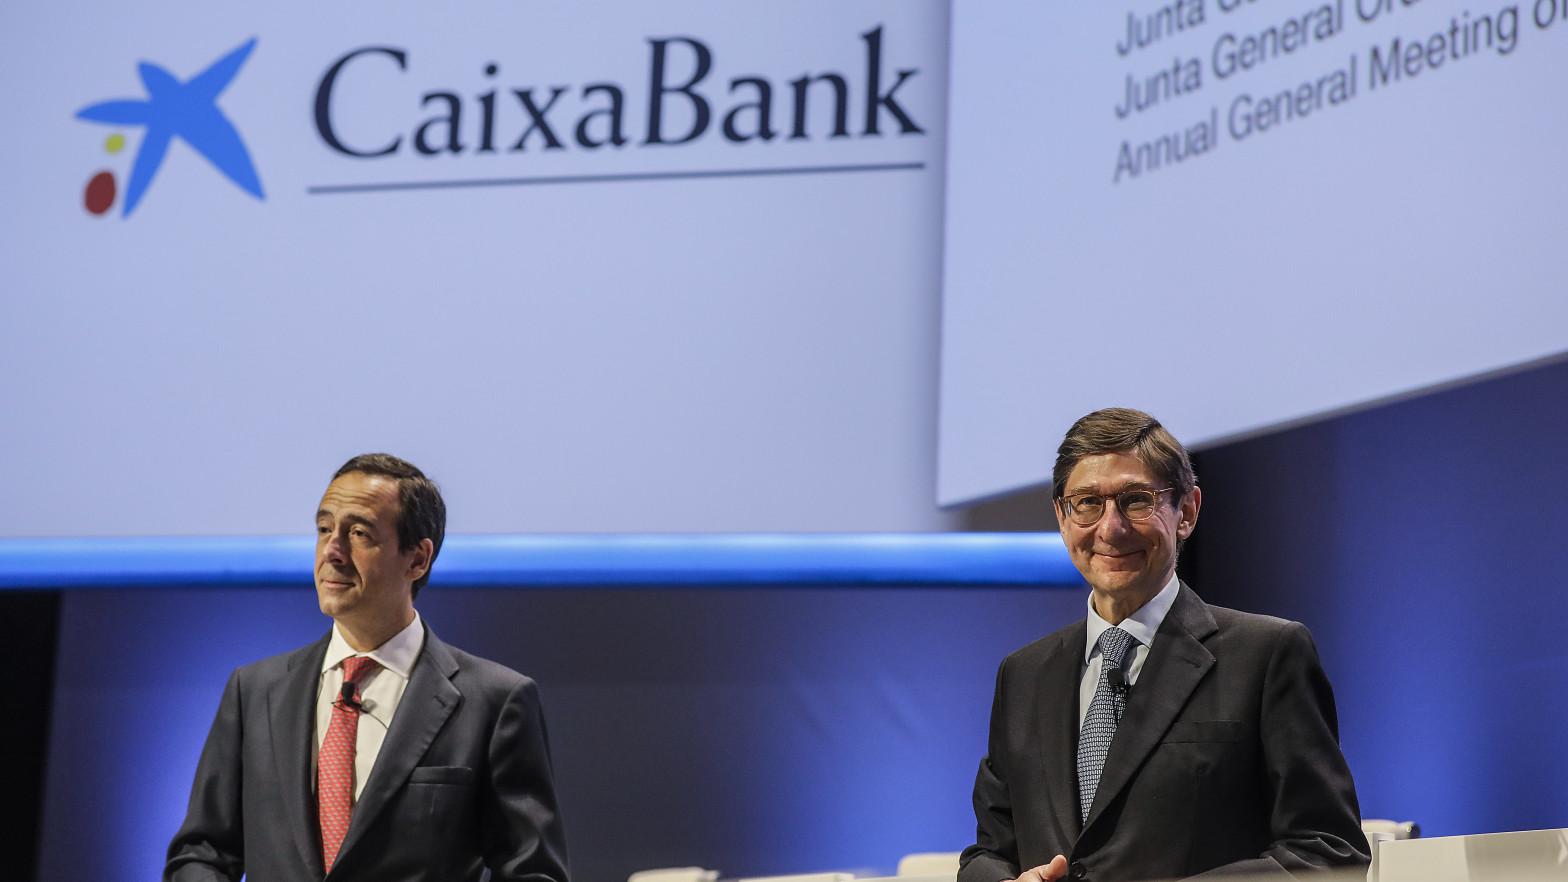 Bankia dejó de considerar Cataluña como un riesgo al ser absorbida por CaixaBank